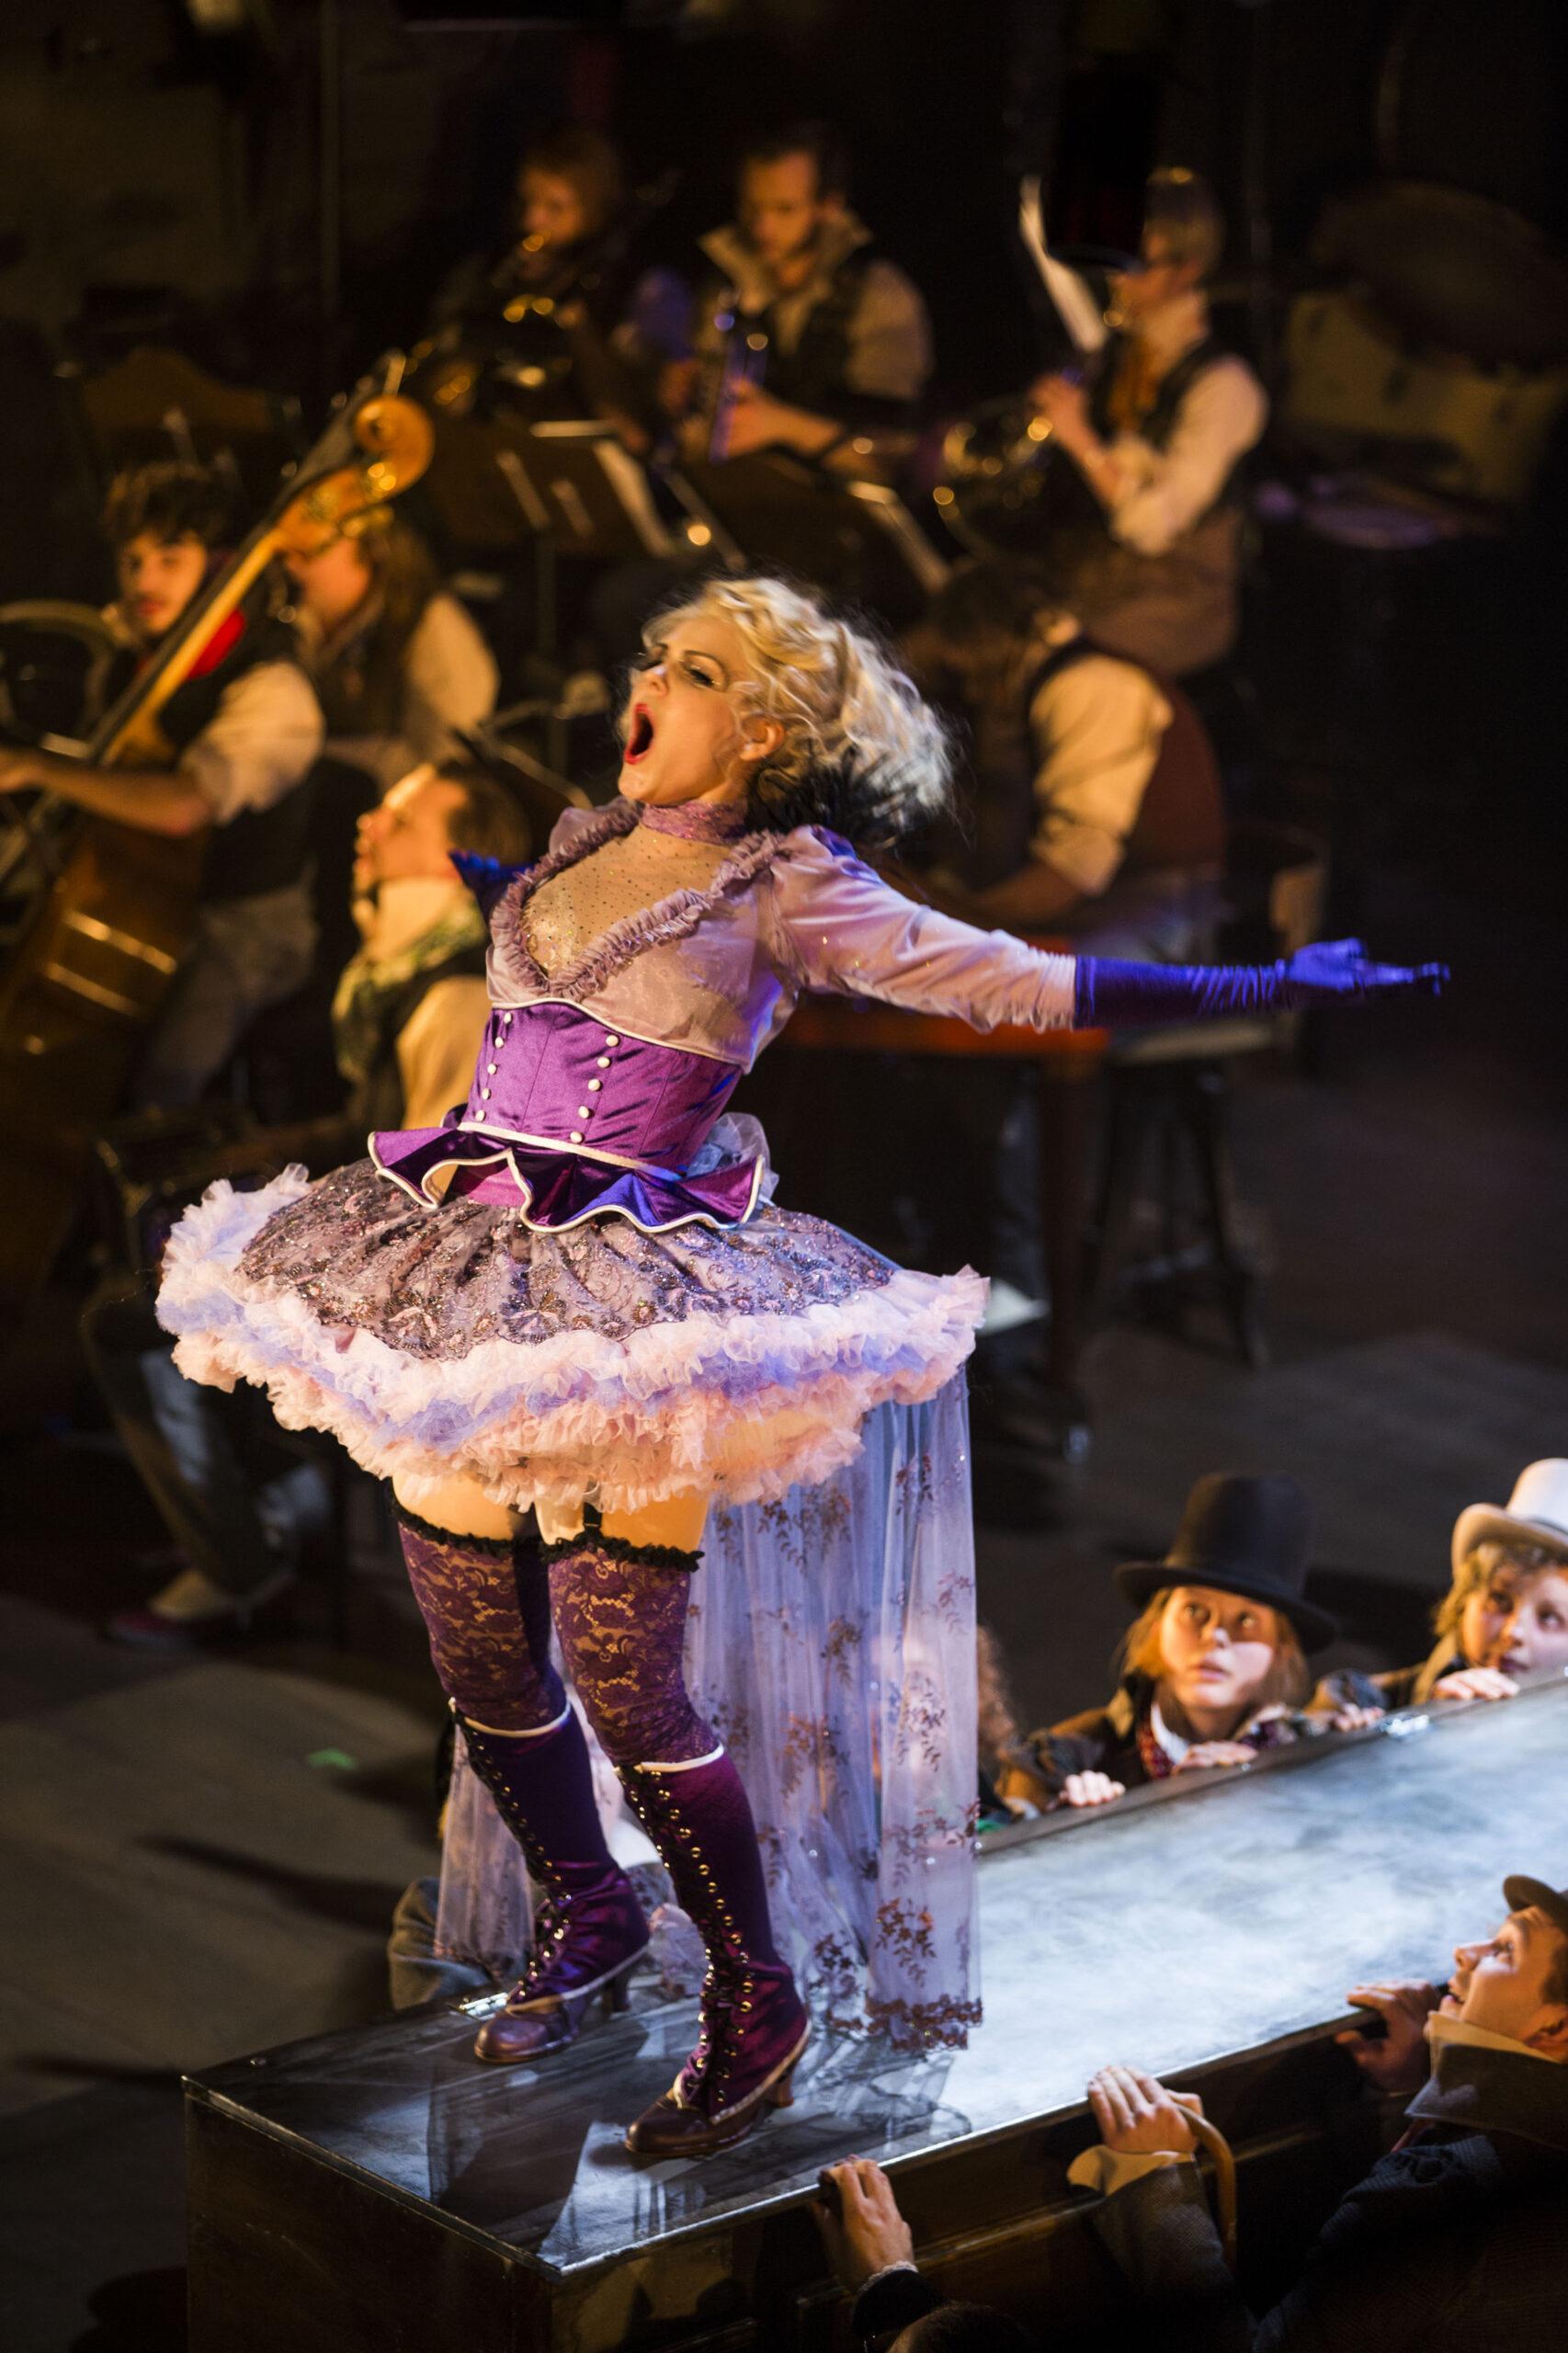 En ung kvinna i excentriska kläder sjunger för livet.